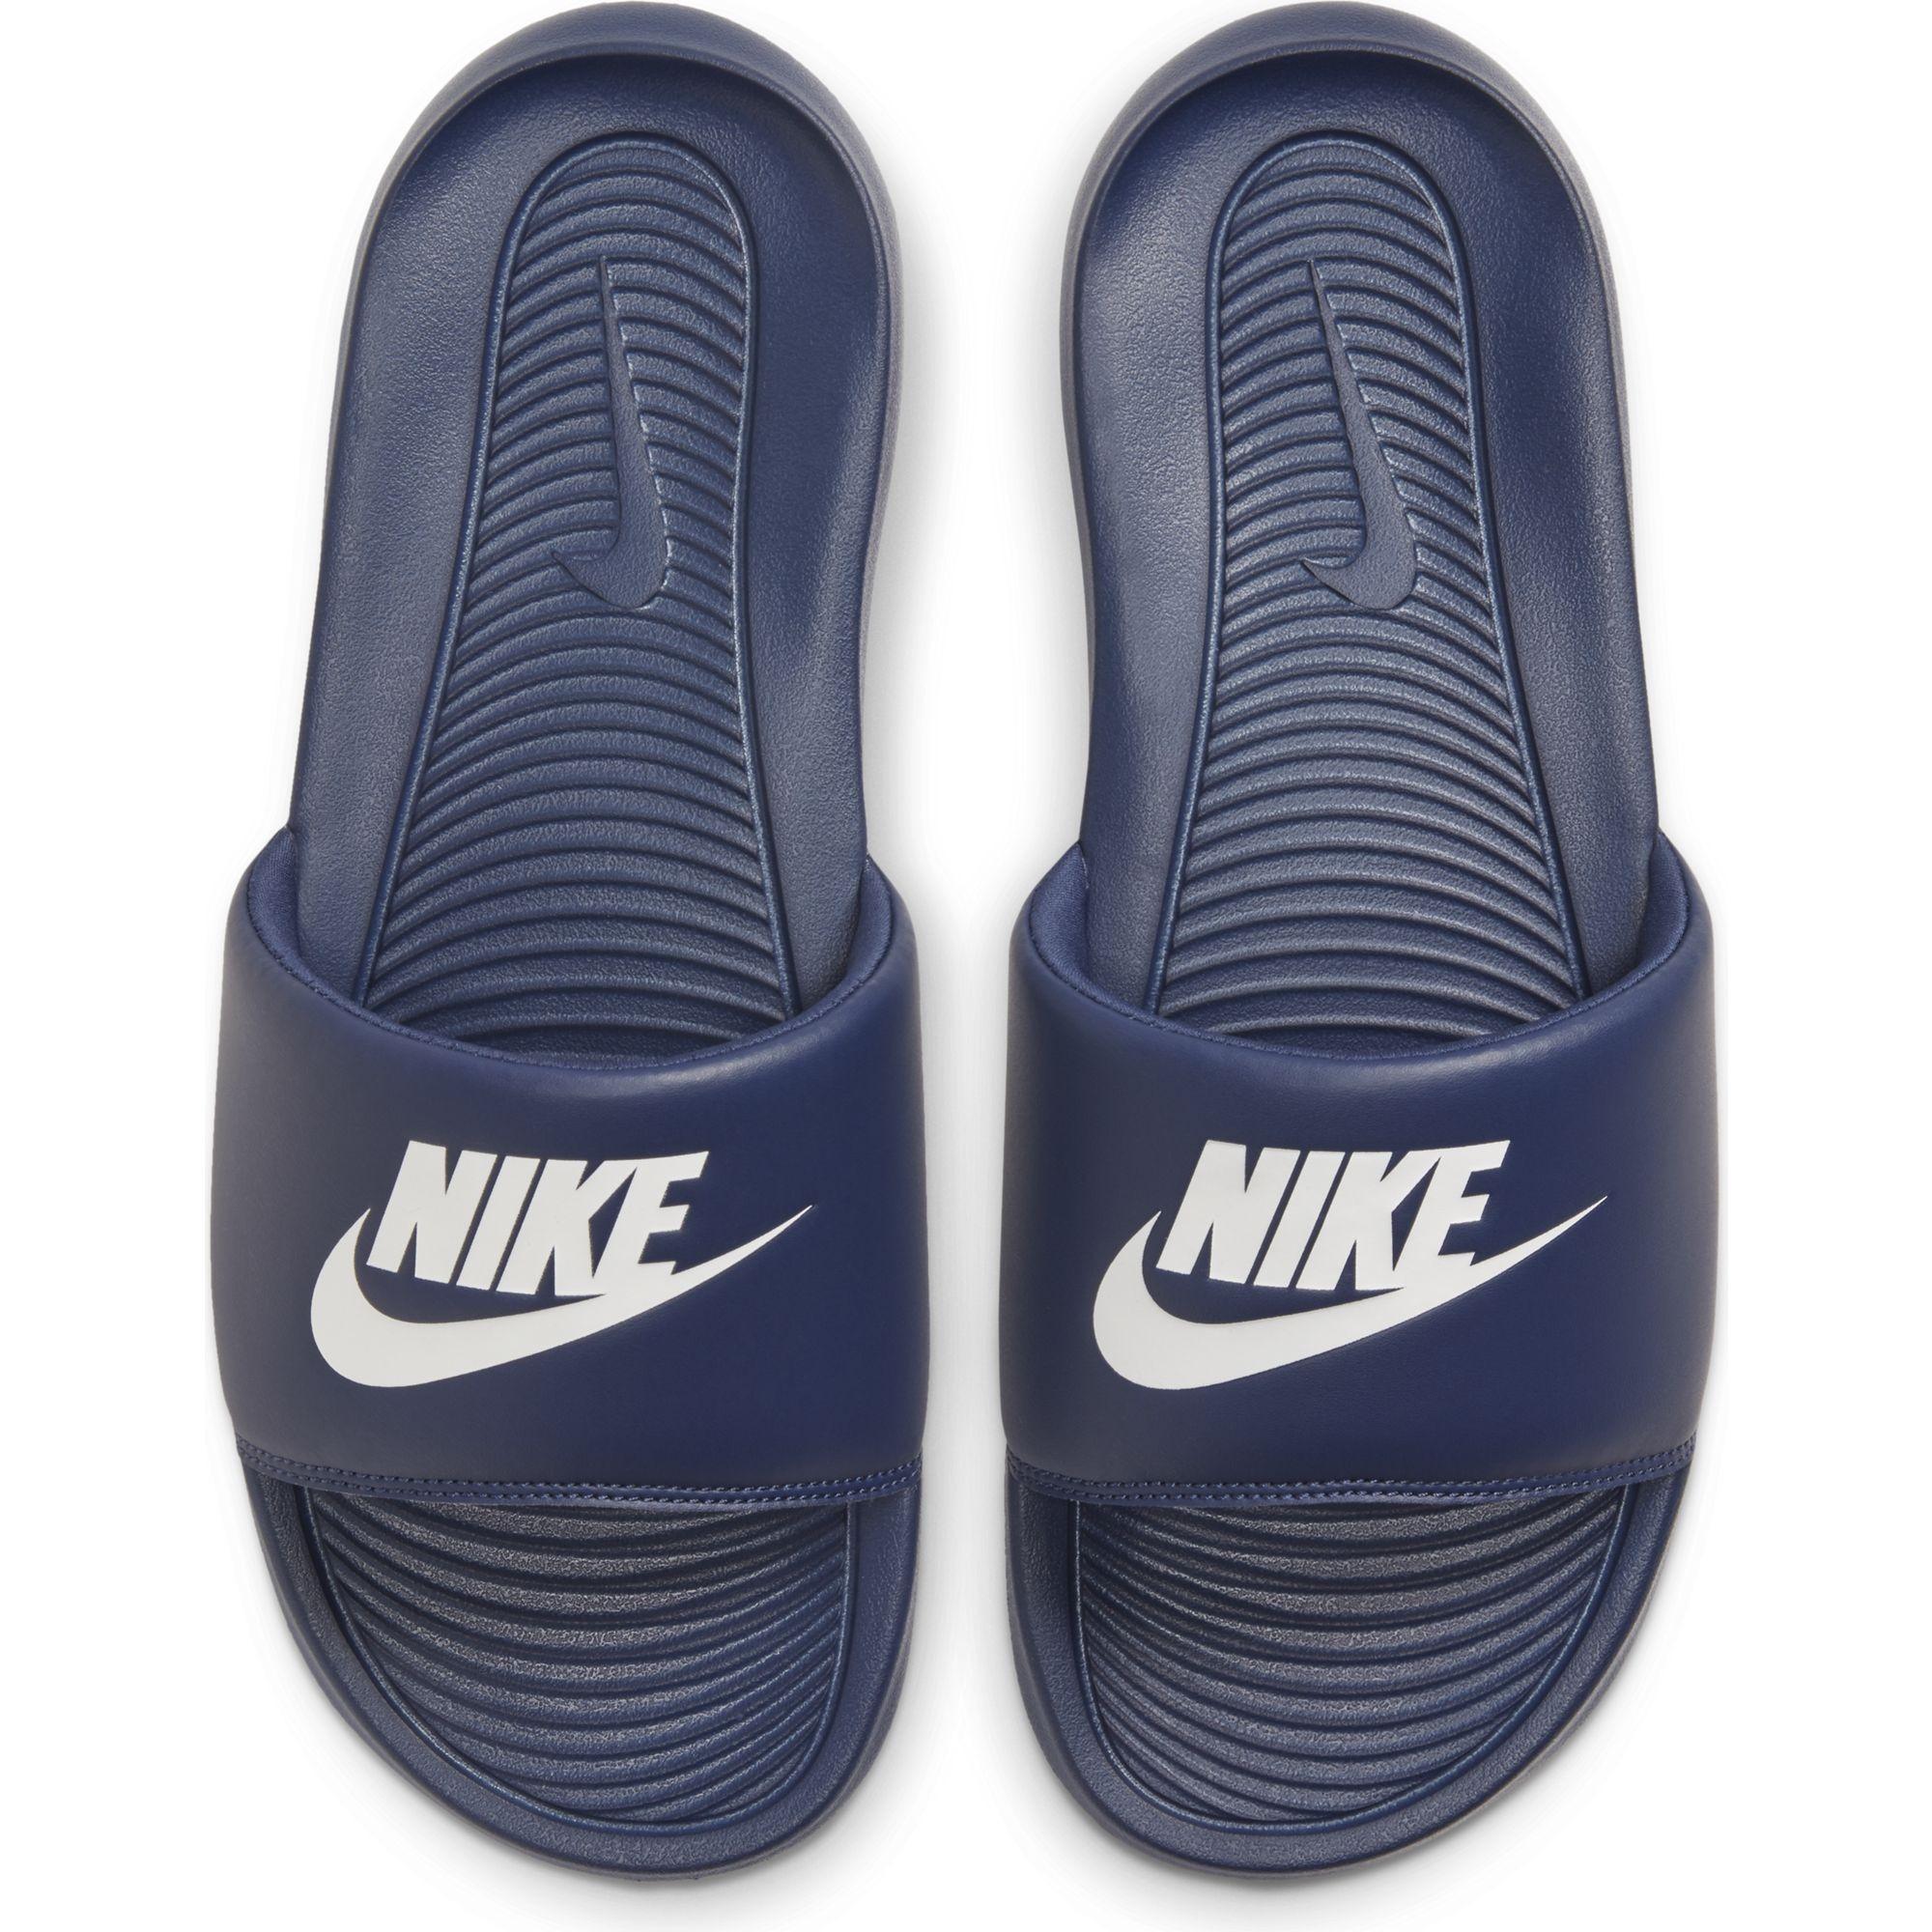 Nike Badeschuhe Victori One, blau, 45, Herren Herren CN9675-401